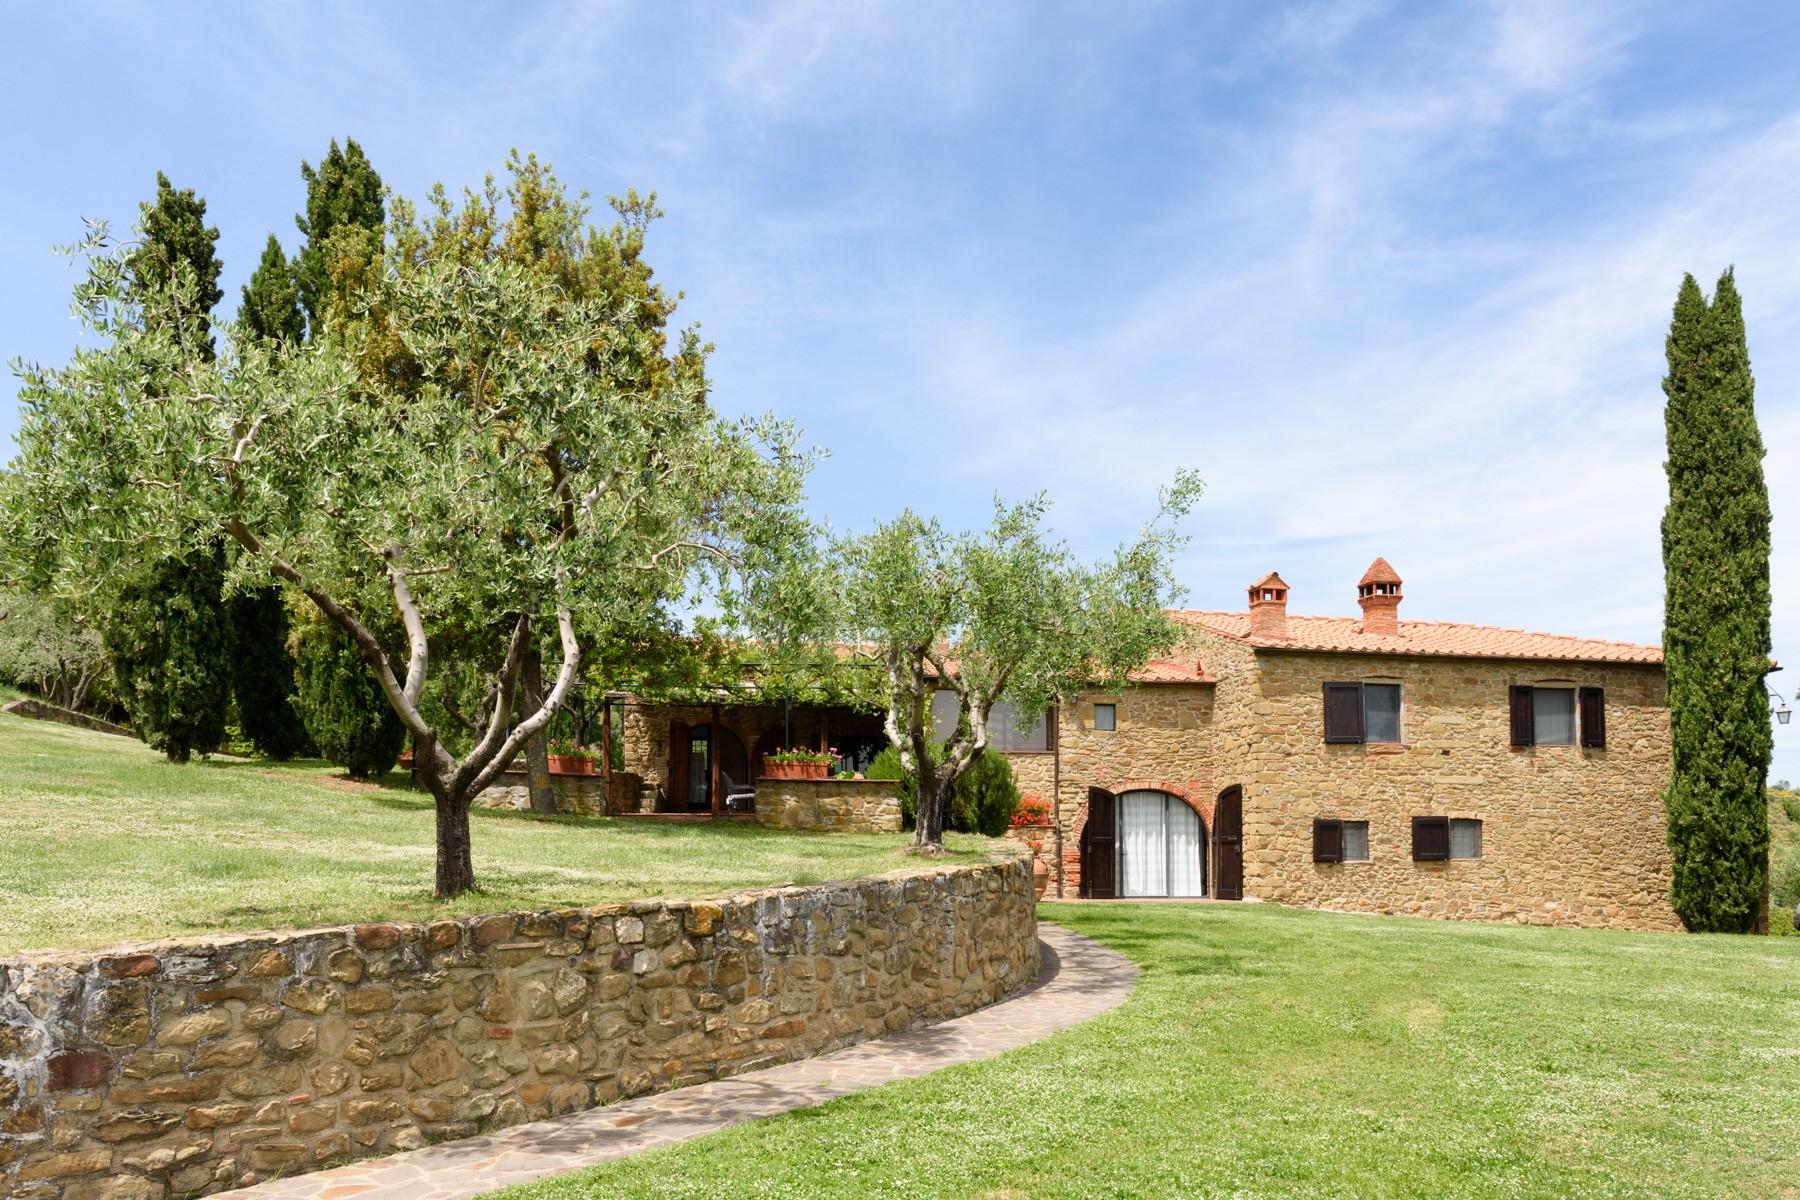 Villa in Vendita a Pergine Valdarno: 5 locali, 600 mq - Foto 2